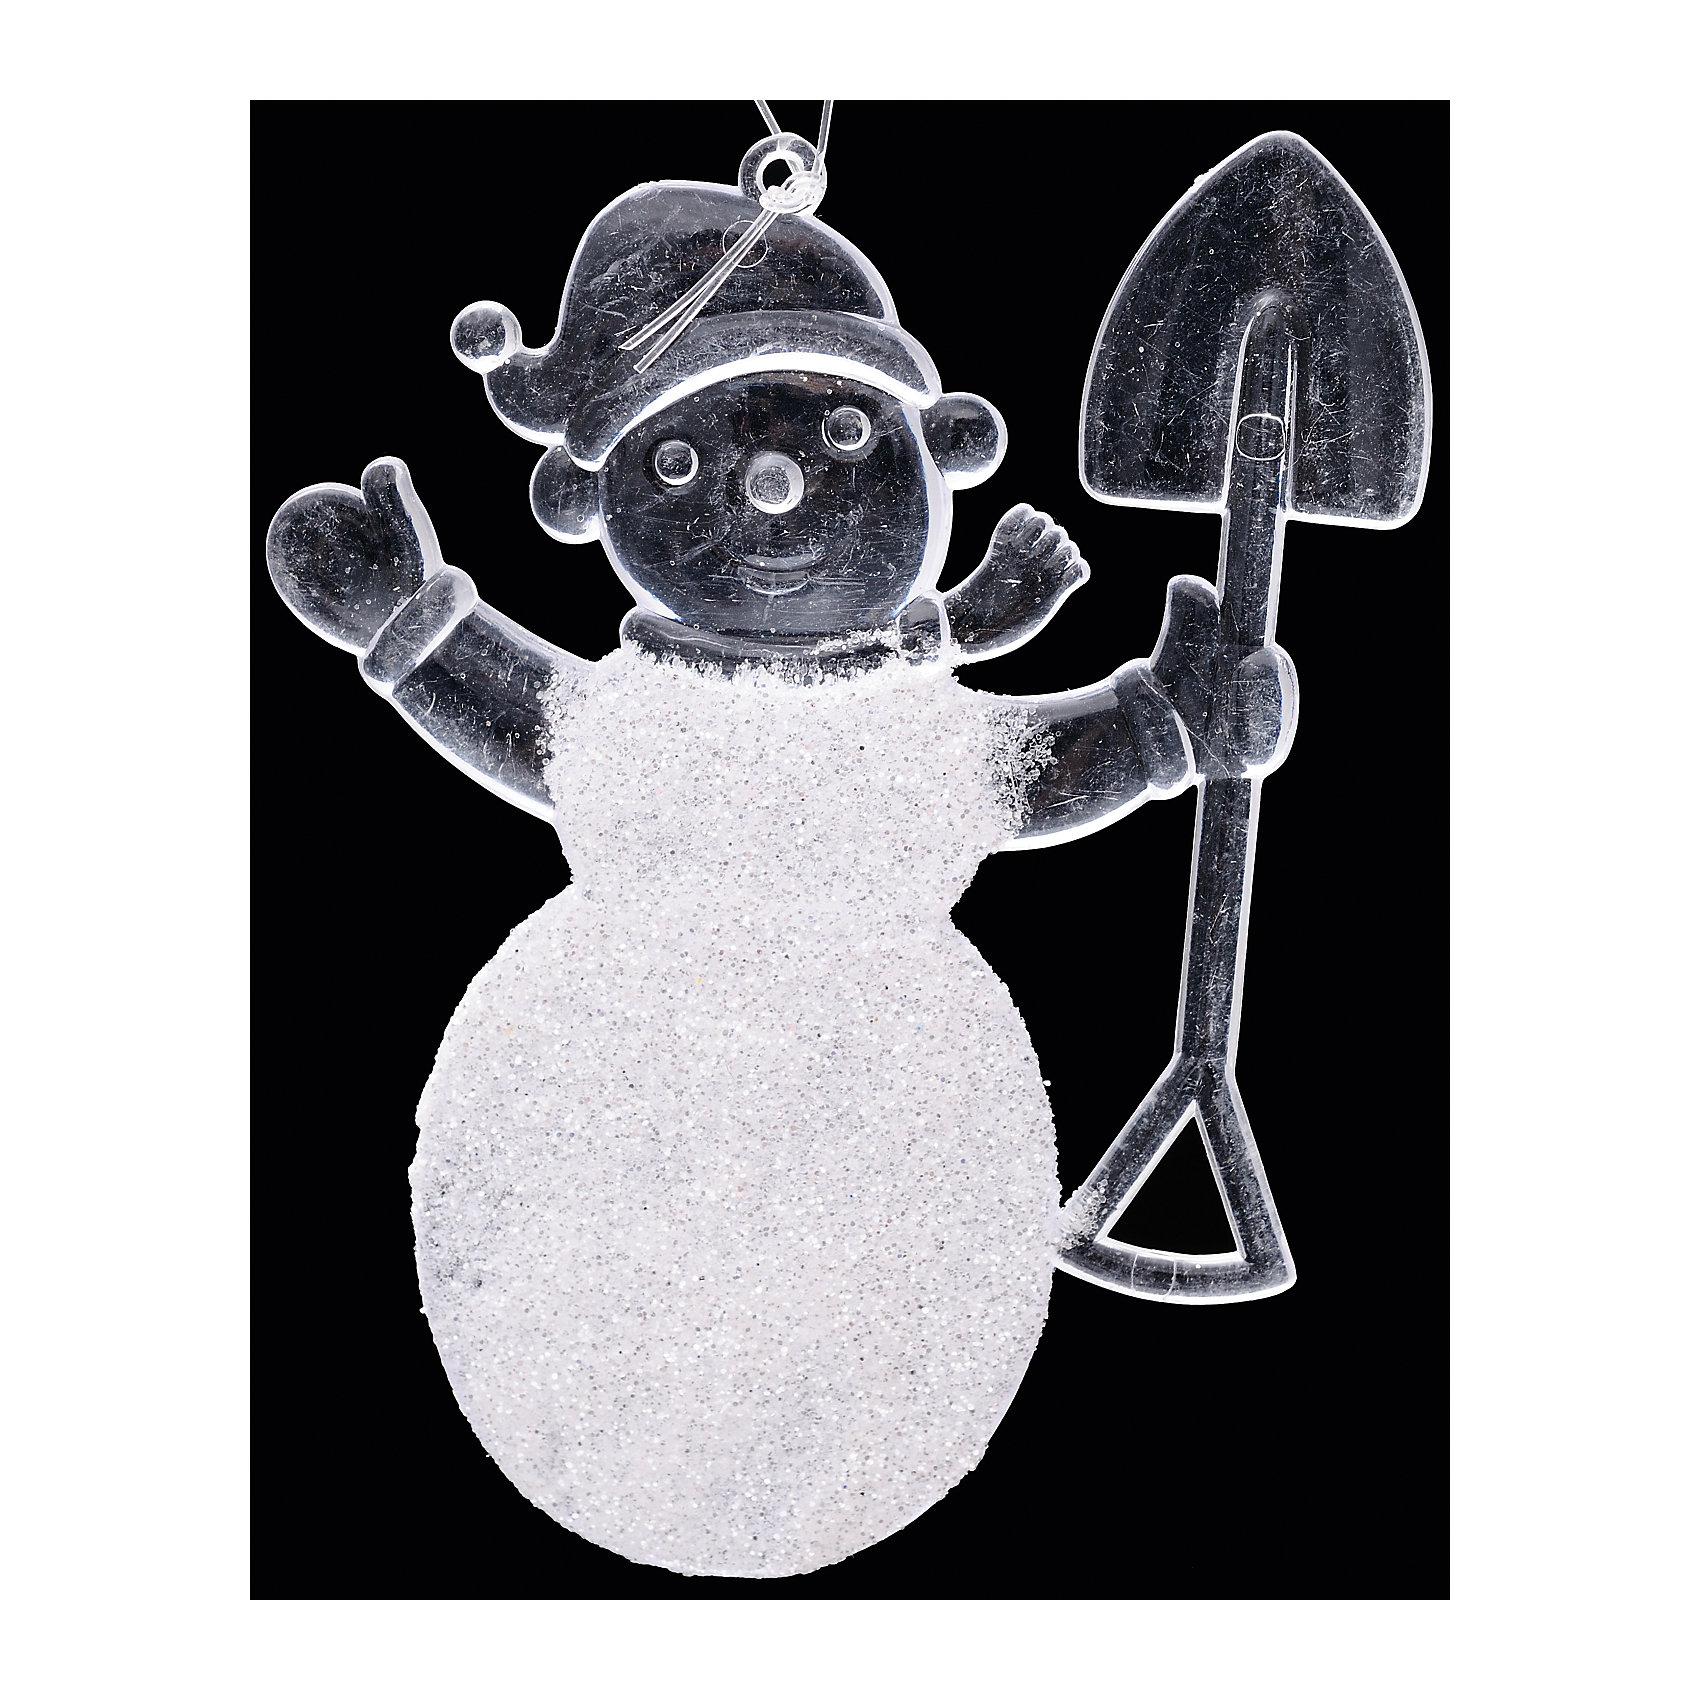 Набор Весёлые снеговички (2 шт) 11 смСимпатичный Набор Весёлые снеговички (2 шт) 11 см включает в себя 2 подвески в форме снеговиков, словно сделанные изо льда и припорошенные настоящим снежком! Украшения будут очень красиво смотреться на новогодней елке, придавая ей нарядный вид, а Вам подарят праздничное настроение! Снеговичков можно использовать не только как новогоднюю елочную игрушку, но и как украшение Вашего дома или офиса.<br><br>Комплектация: 2 подвески в виде снеговиков<br><br>Дополнительная информация:<br>-Материалы: пластик<br>-Размер в упаковке: 7х4х11 см<br>-Вес в упаковке: 28 г<br>-Размер: 11 см<br><br>Набор Весёлые снеговички (2 шт) 11 см можно купить в нашем магазине.<br><br>Ширина мм: 70<br>Глубина мм: 40<br>Высота мм: 110<br>Вес г: 28<br>Возраст от месяцев: 84<br>Возраст до месяцев: 2147483647<br>Пол: Унисекс<br>Возраст: Детский<br>SKU: 4286697